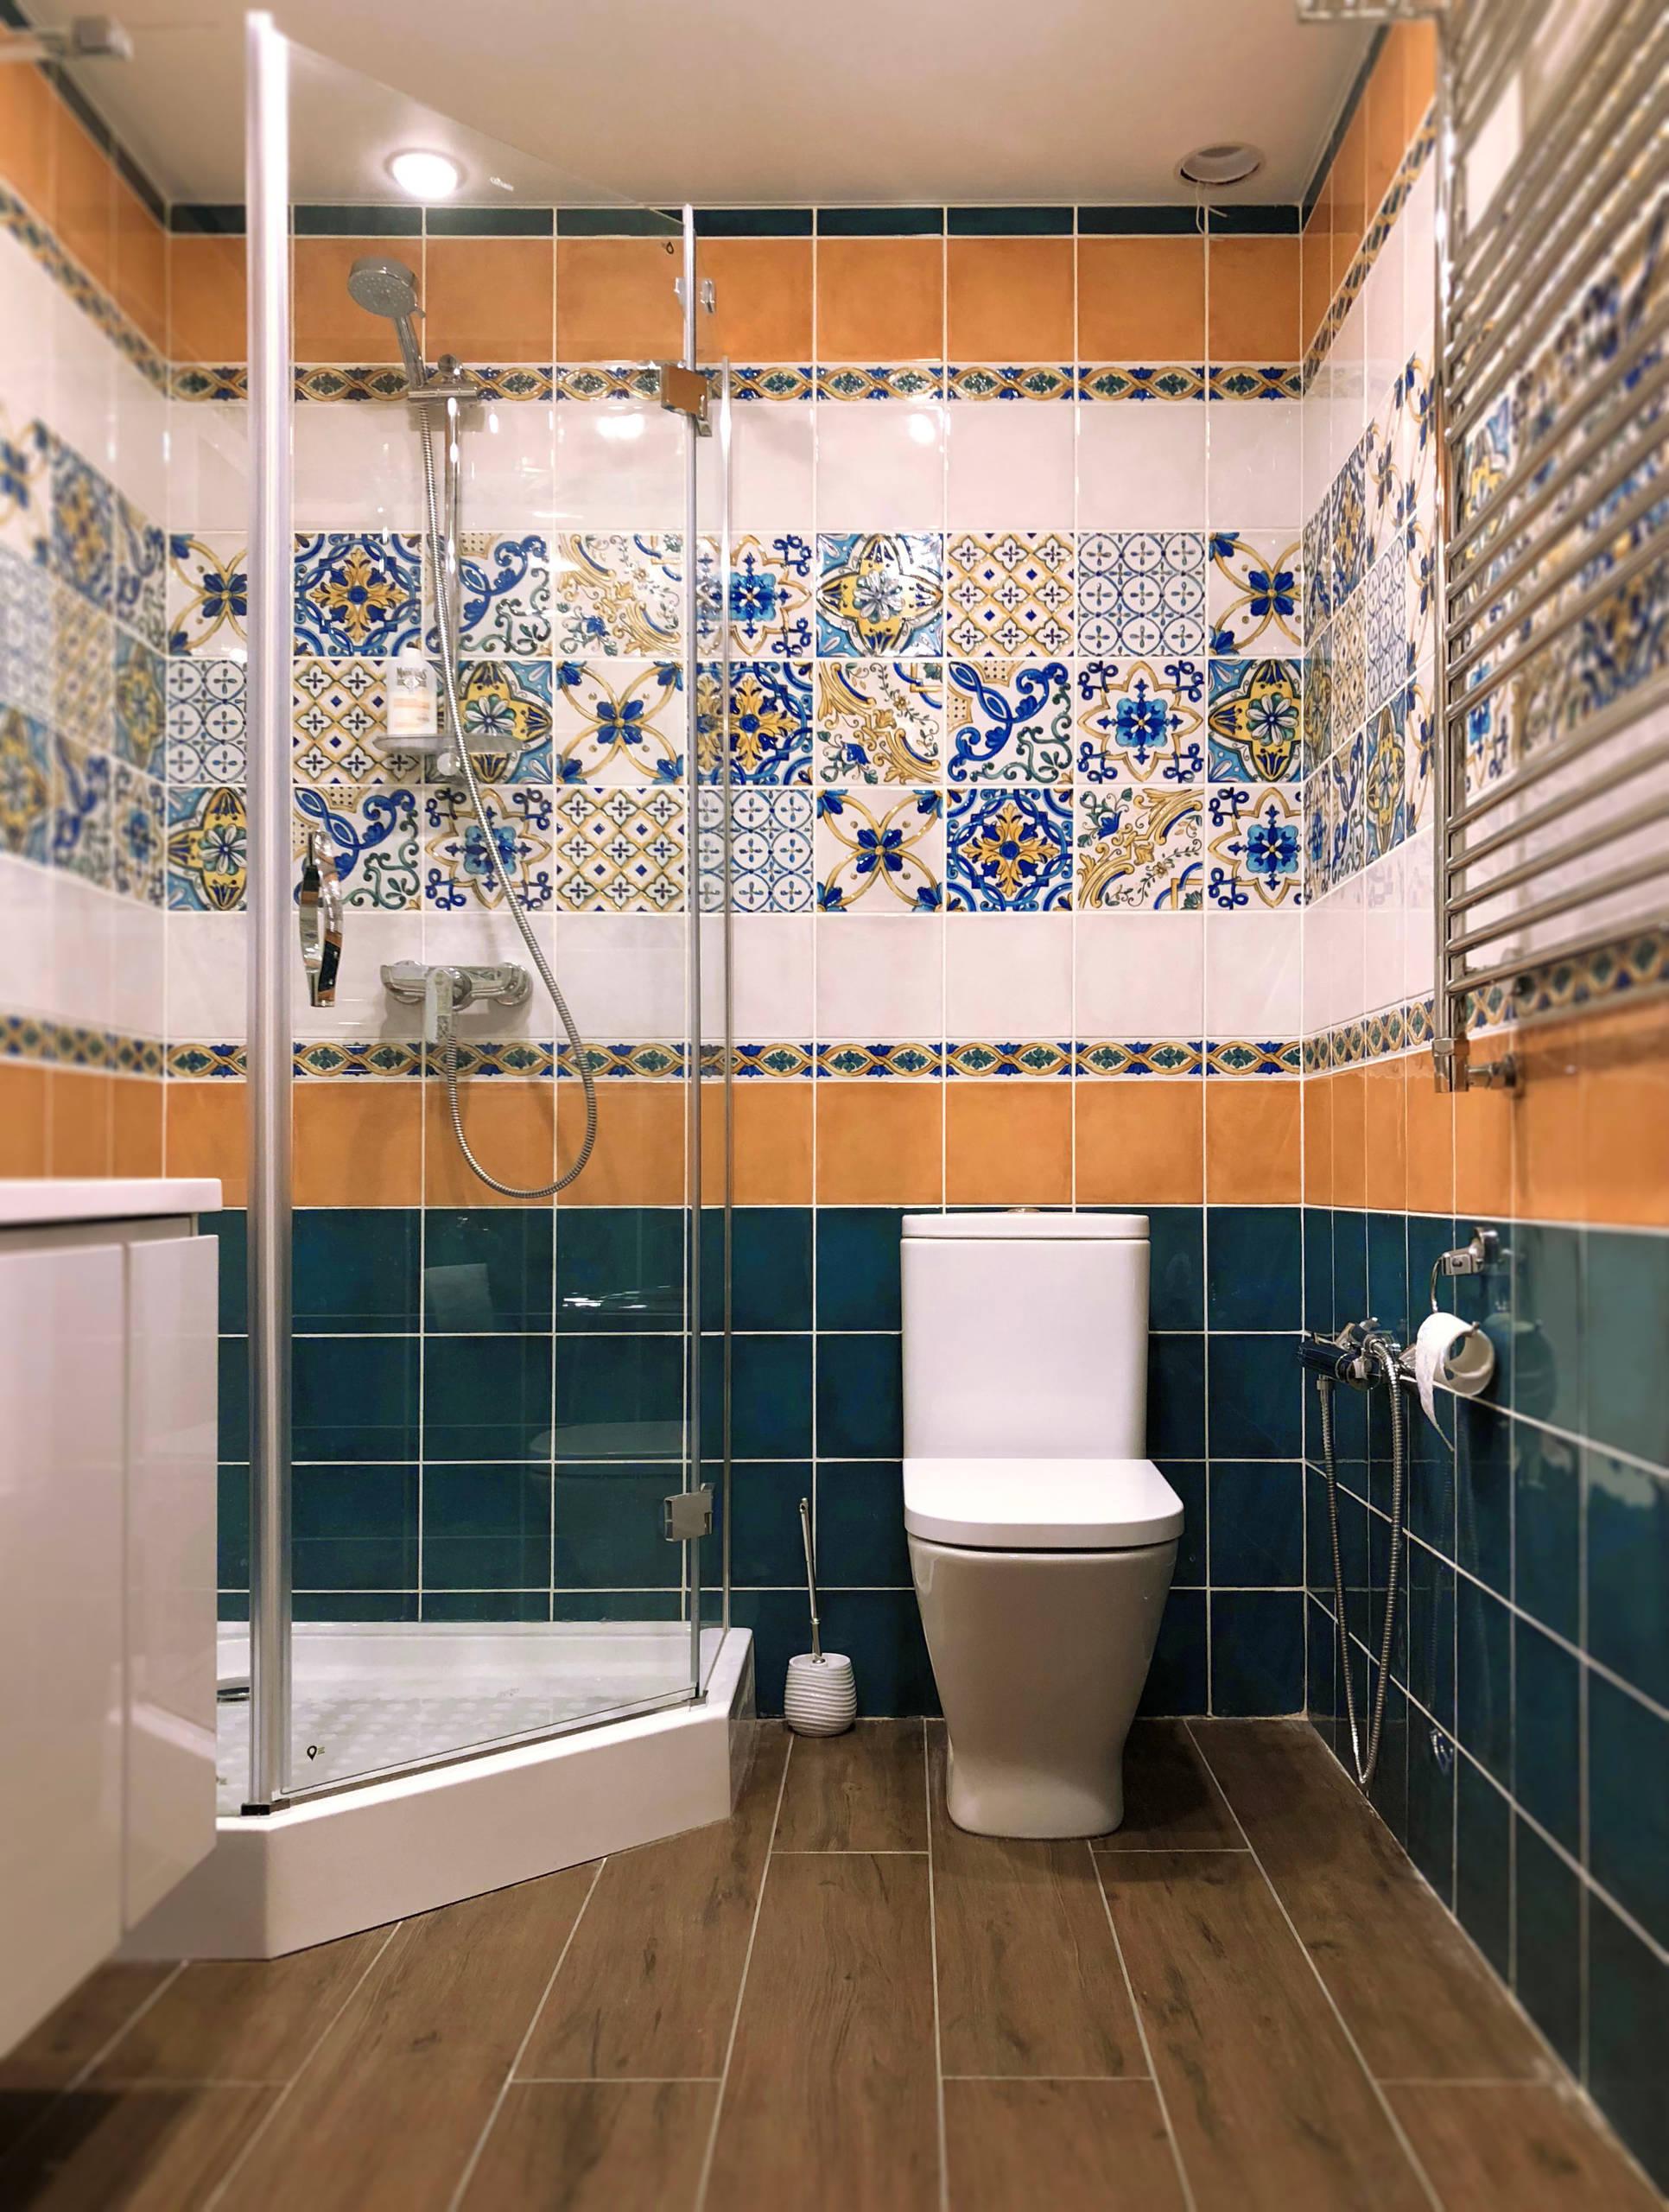 Темно-зеленая плитка со светлым полом и узорами на стенах в ванной комнате